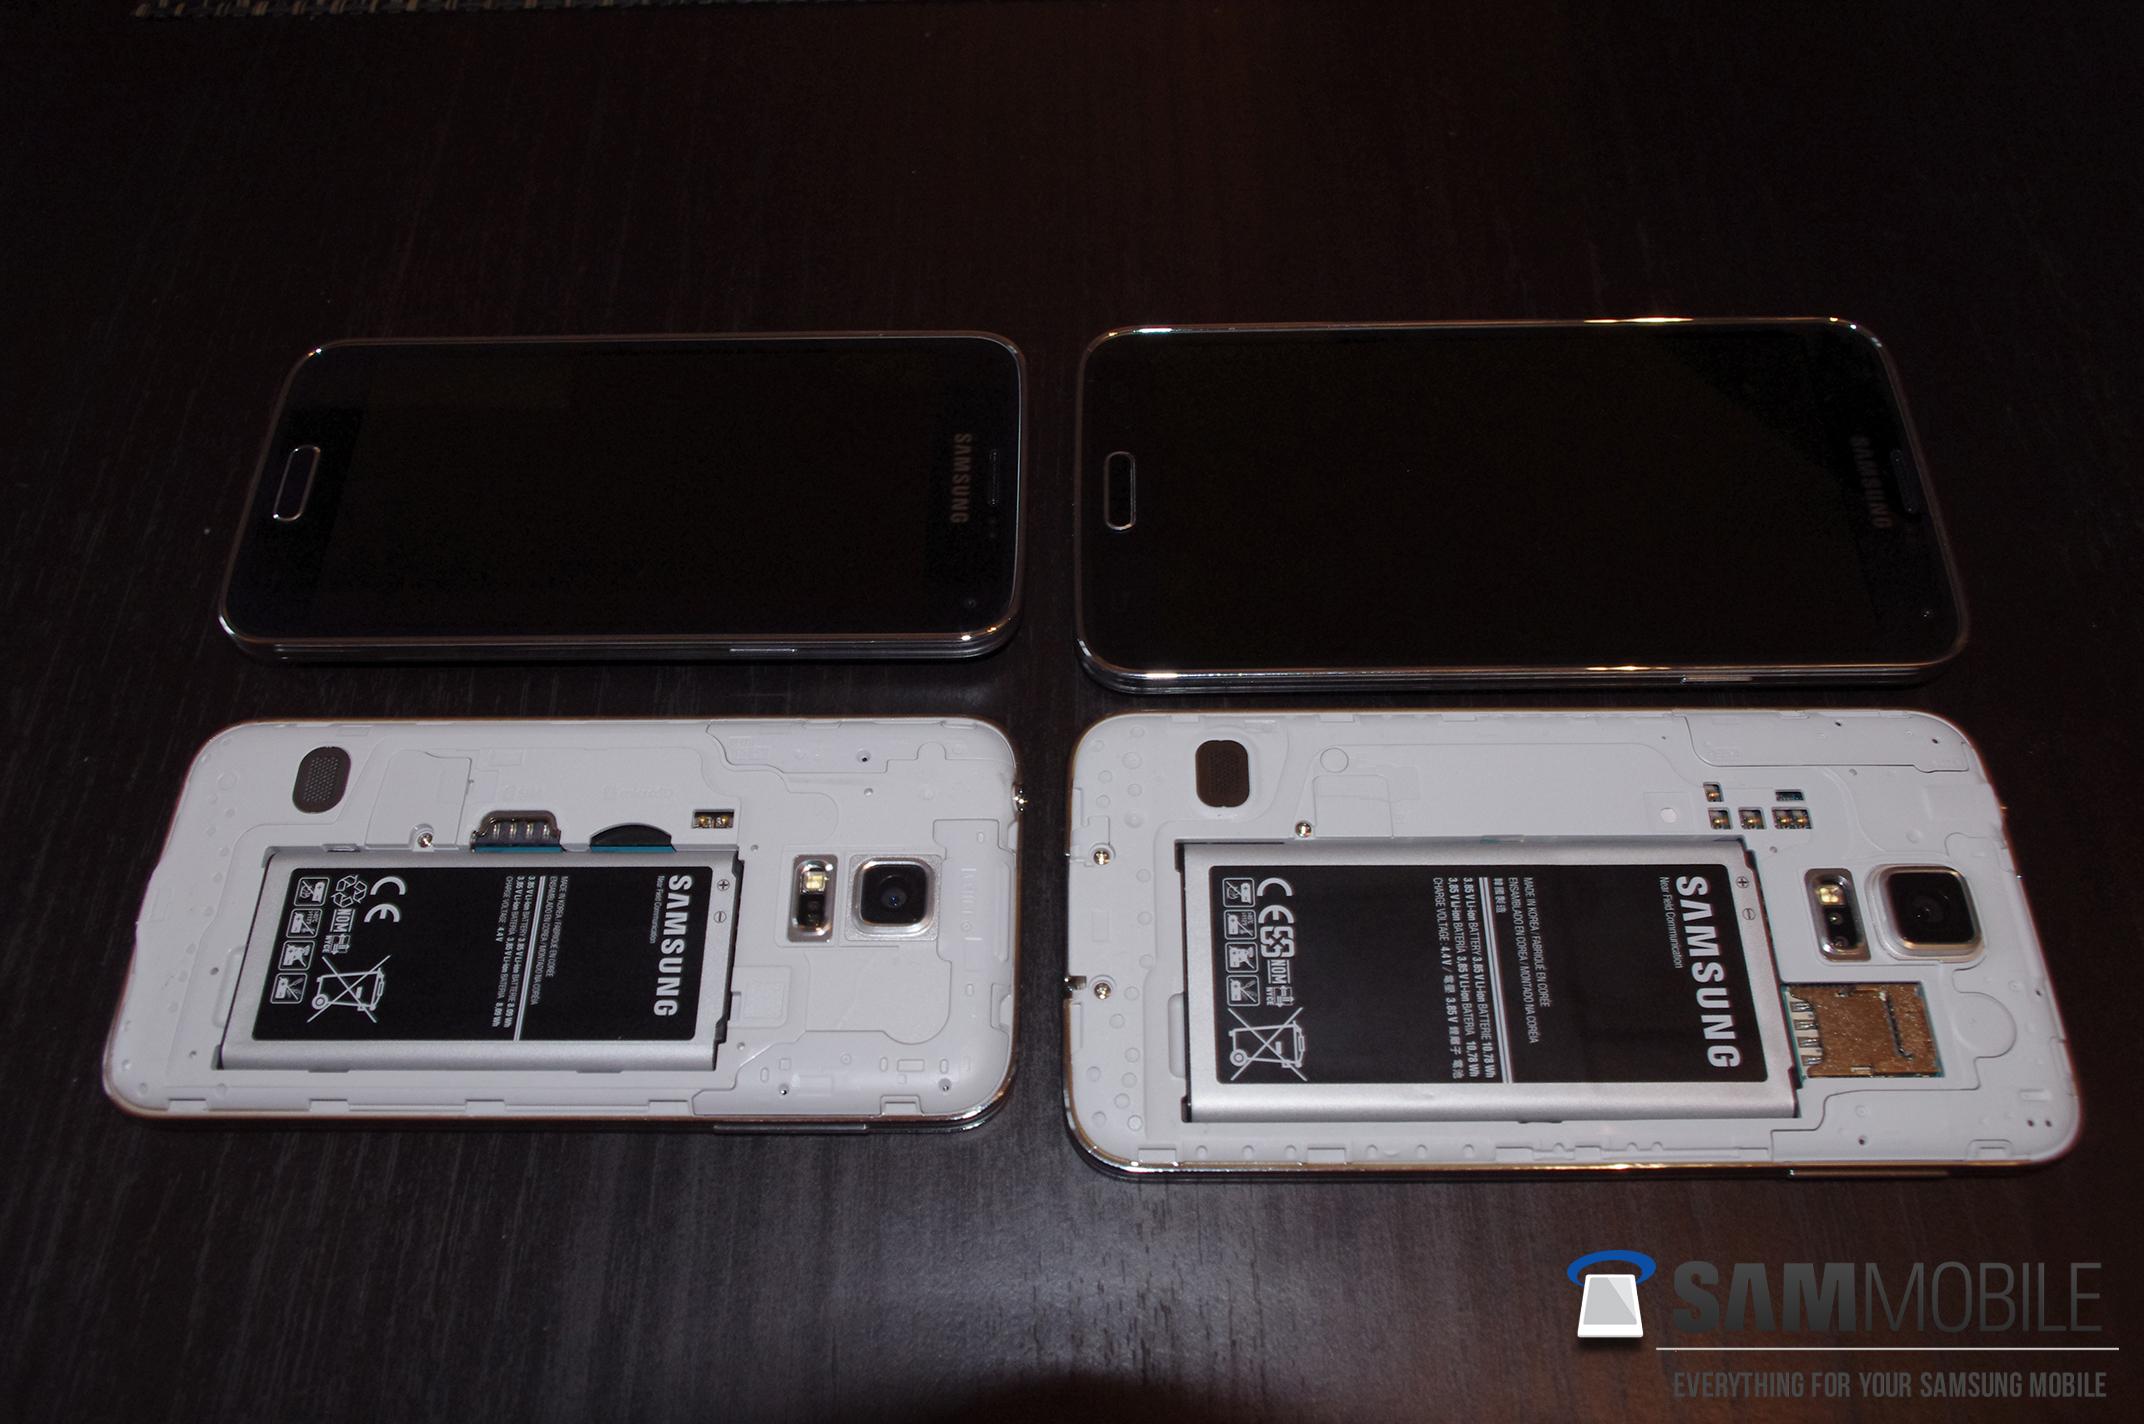 Samsung Galaxy S5 Mini: thiết kế và tính năng tương tự S5, cấu hình thấp hơn - 21661